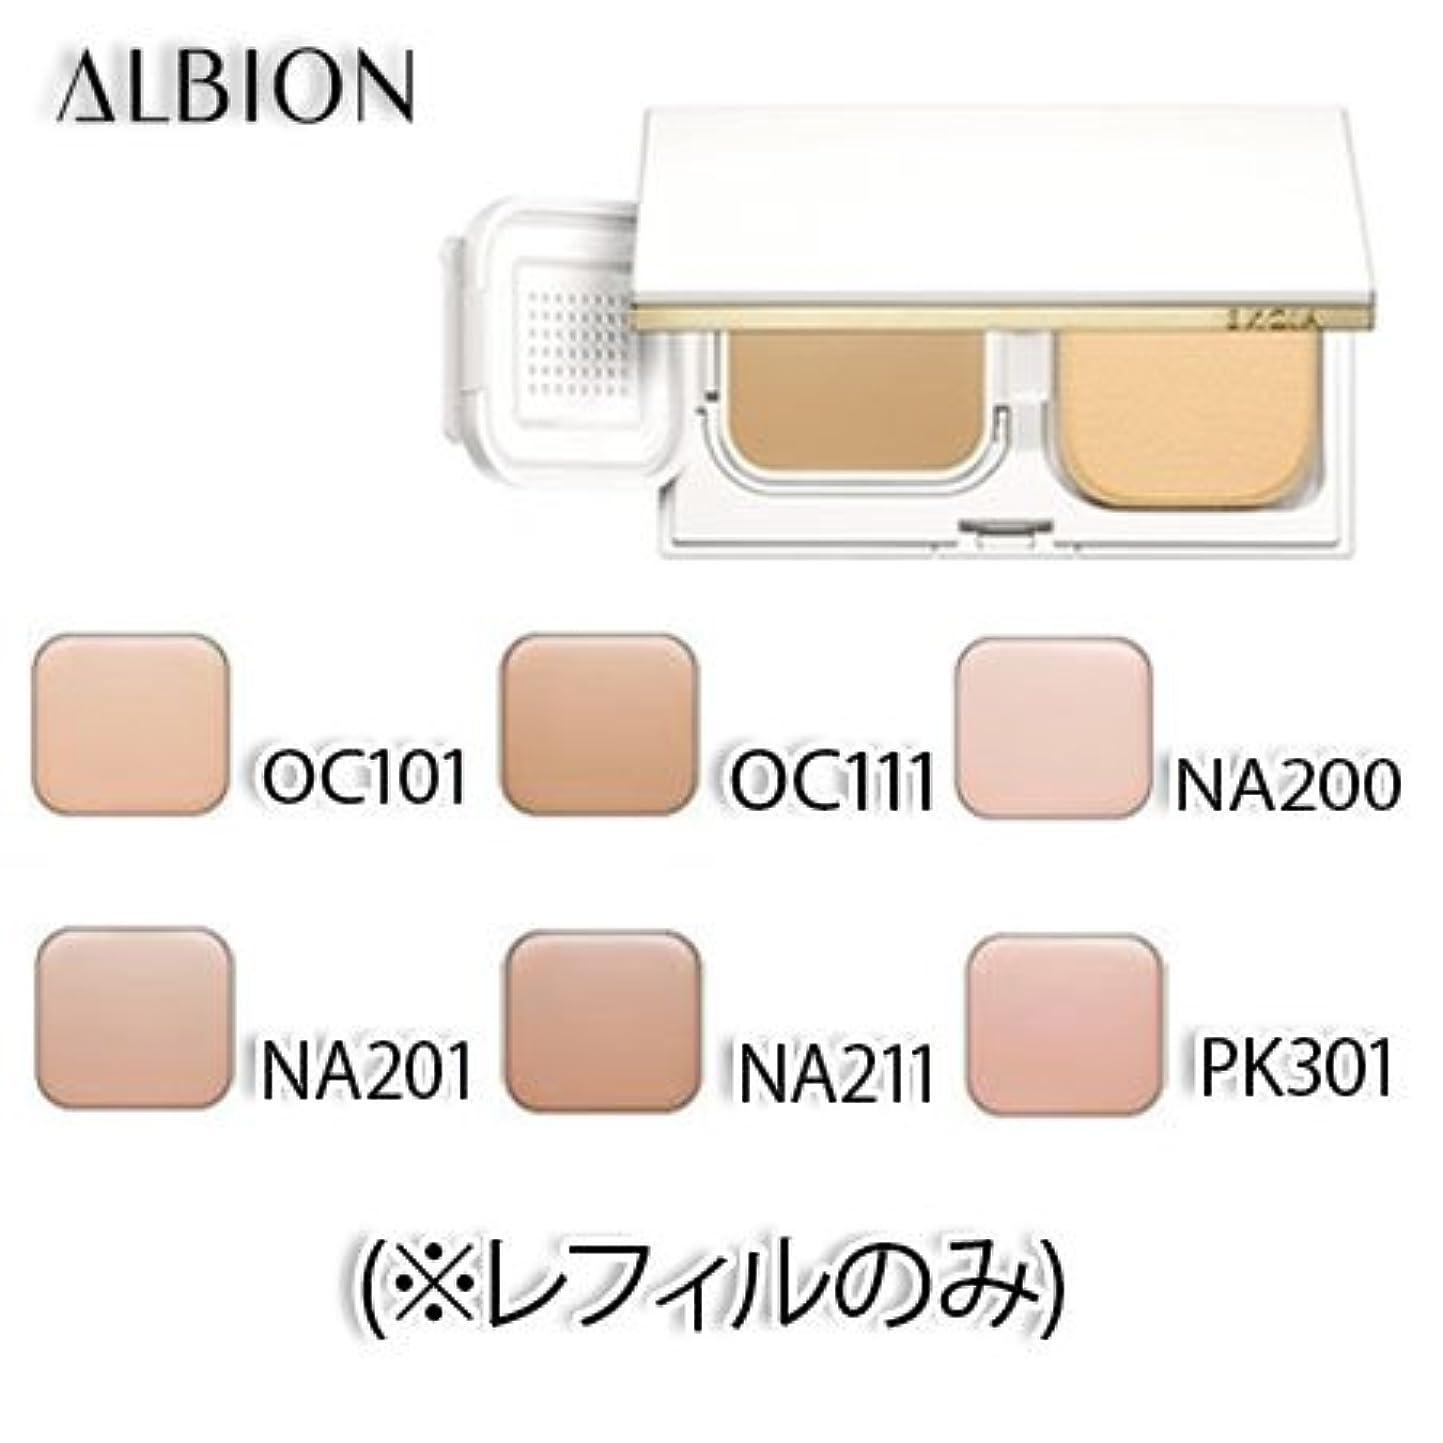 暫定の知り合い受け皿アルビオン エクシア AL リフティング エマルジョン ホワイト 6色 SPF47 PA++++ (レフィルのみ) -ALBION- PK301